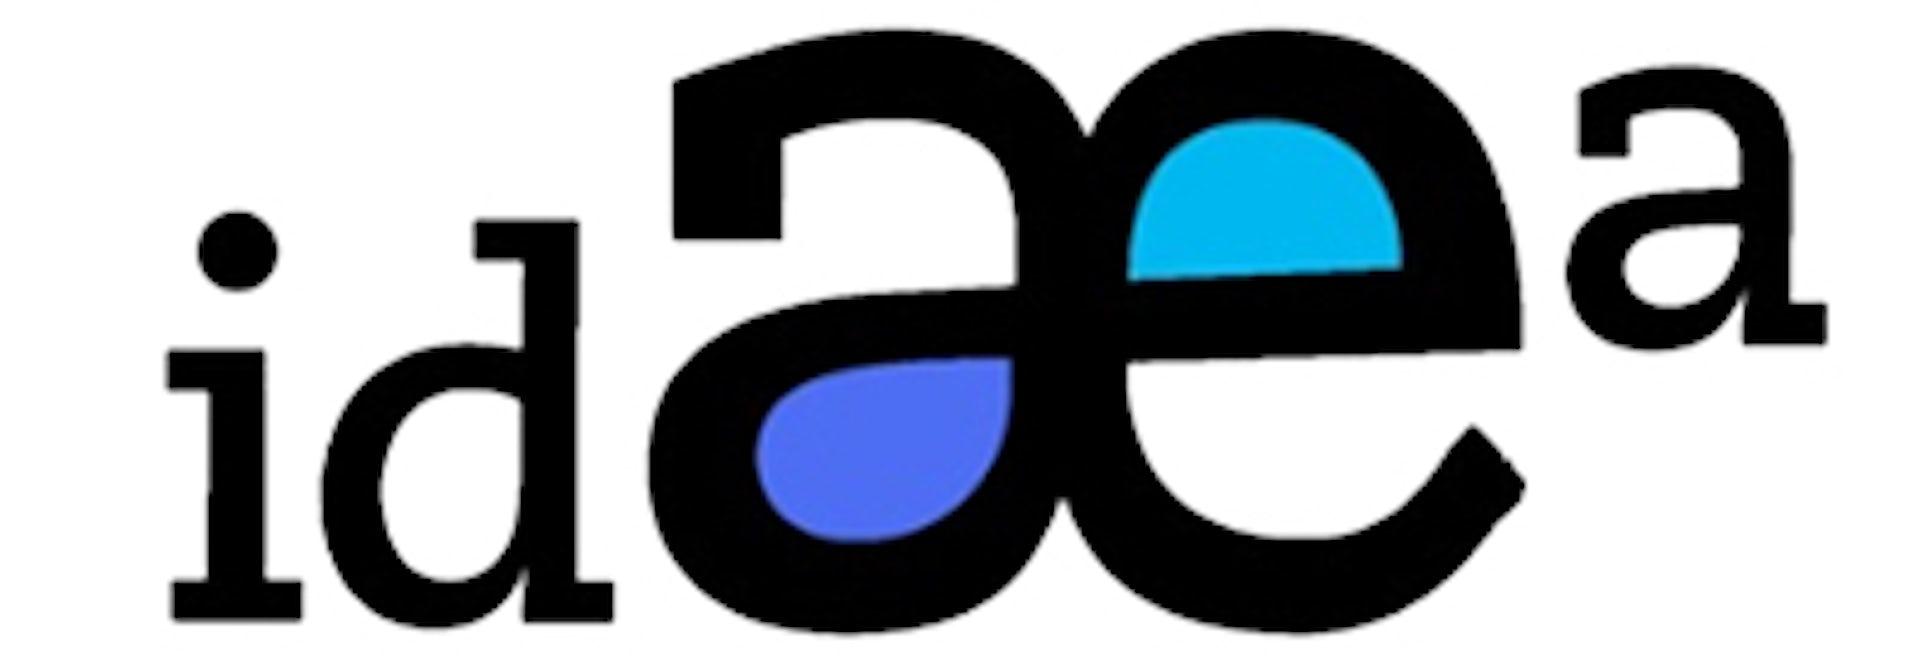 Logo 1551793877.jpg?ixlib=rb 1.1